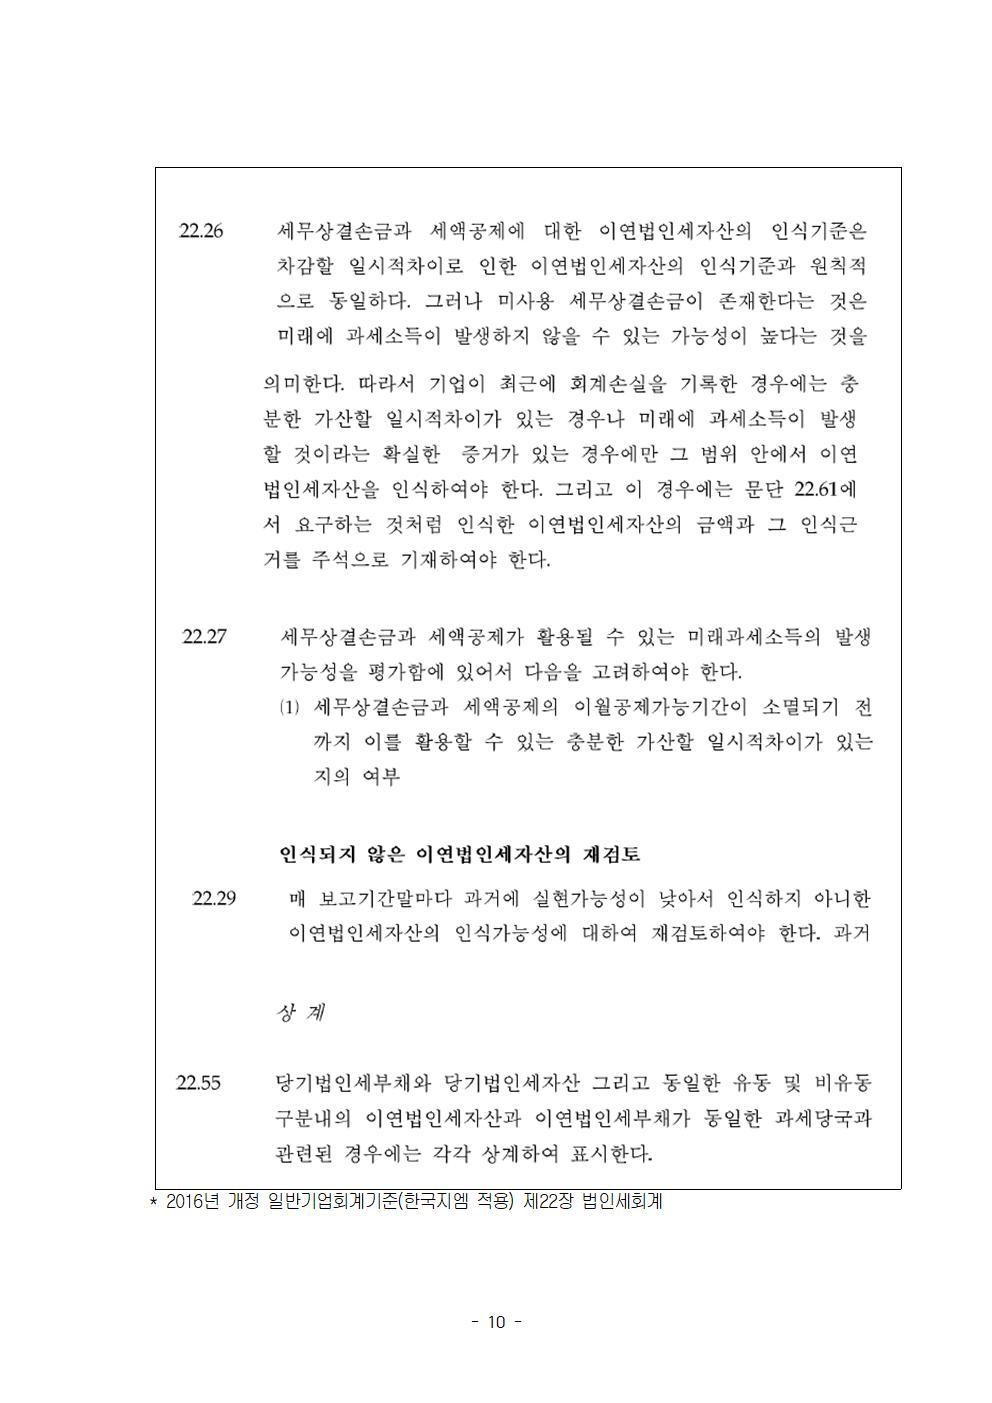 한국지엠범국민실사단010.jpg